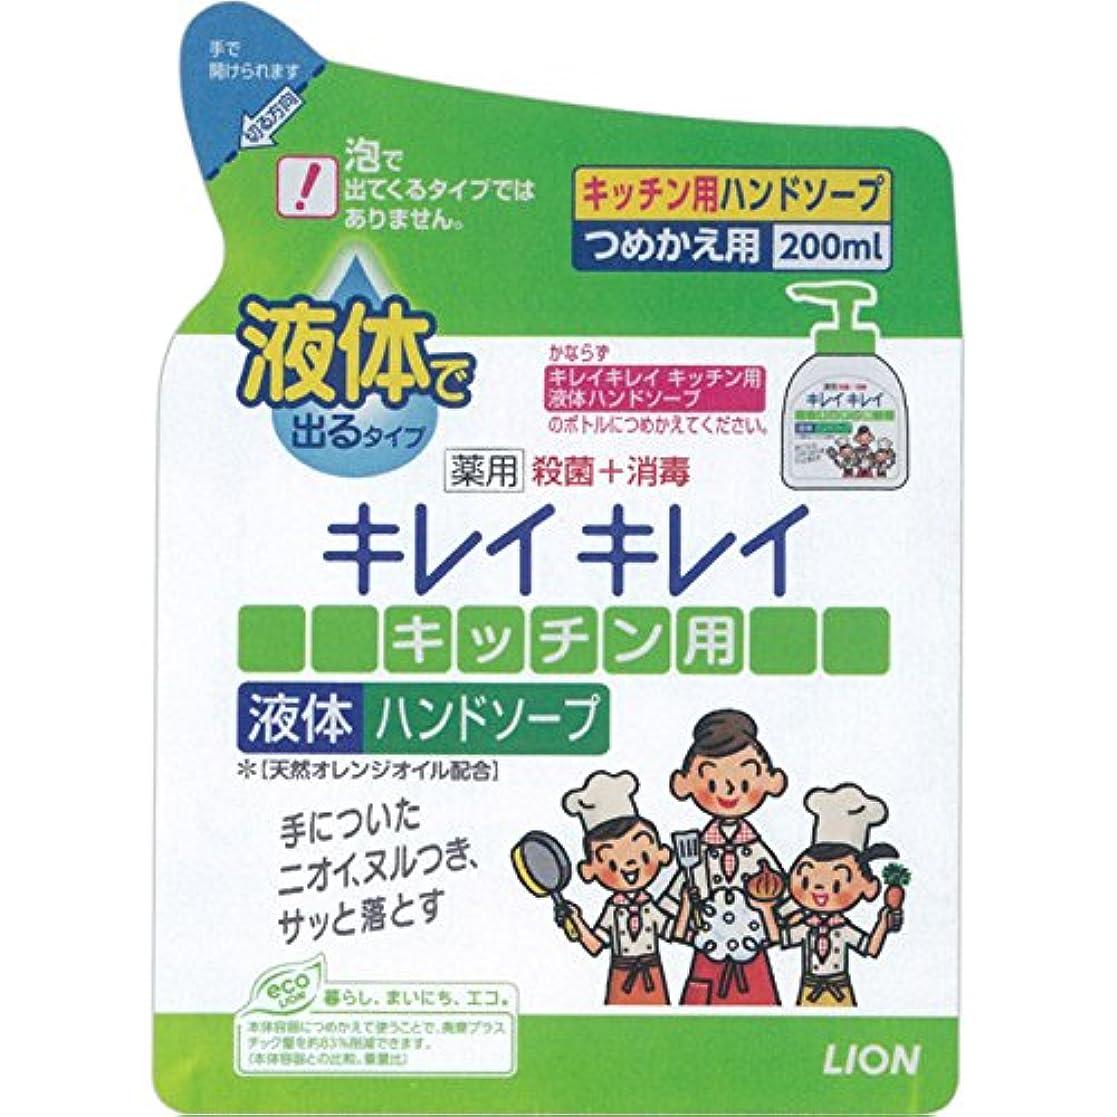 発表する制限されたアンケートキレイキレイ 薬用キッチンハンドソープ 詰替用200ml